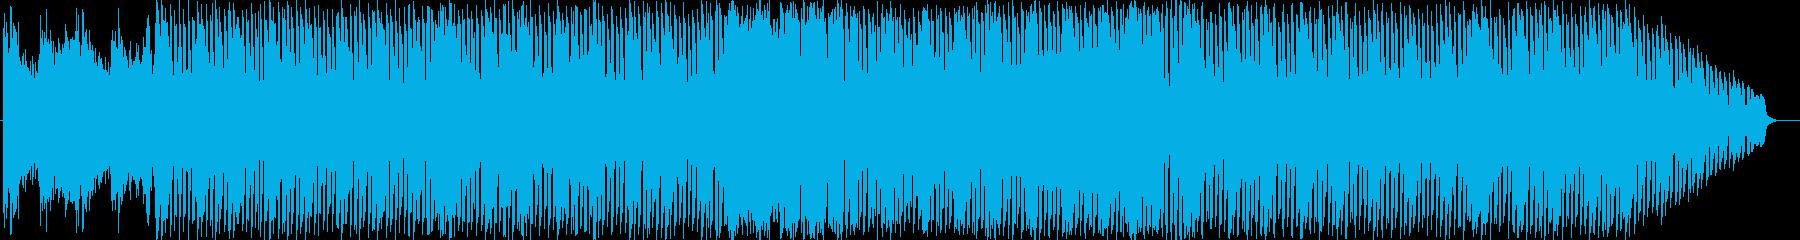 神秘的だけどスタイリッシュなゲーム音楽の再生済みの波形